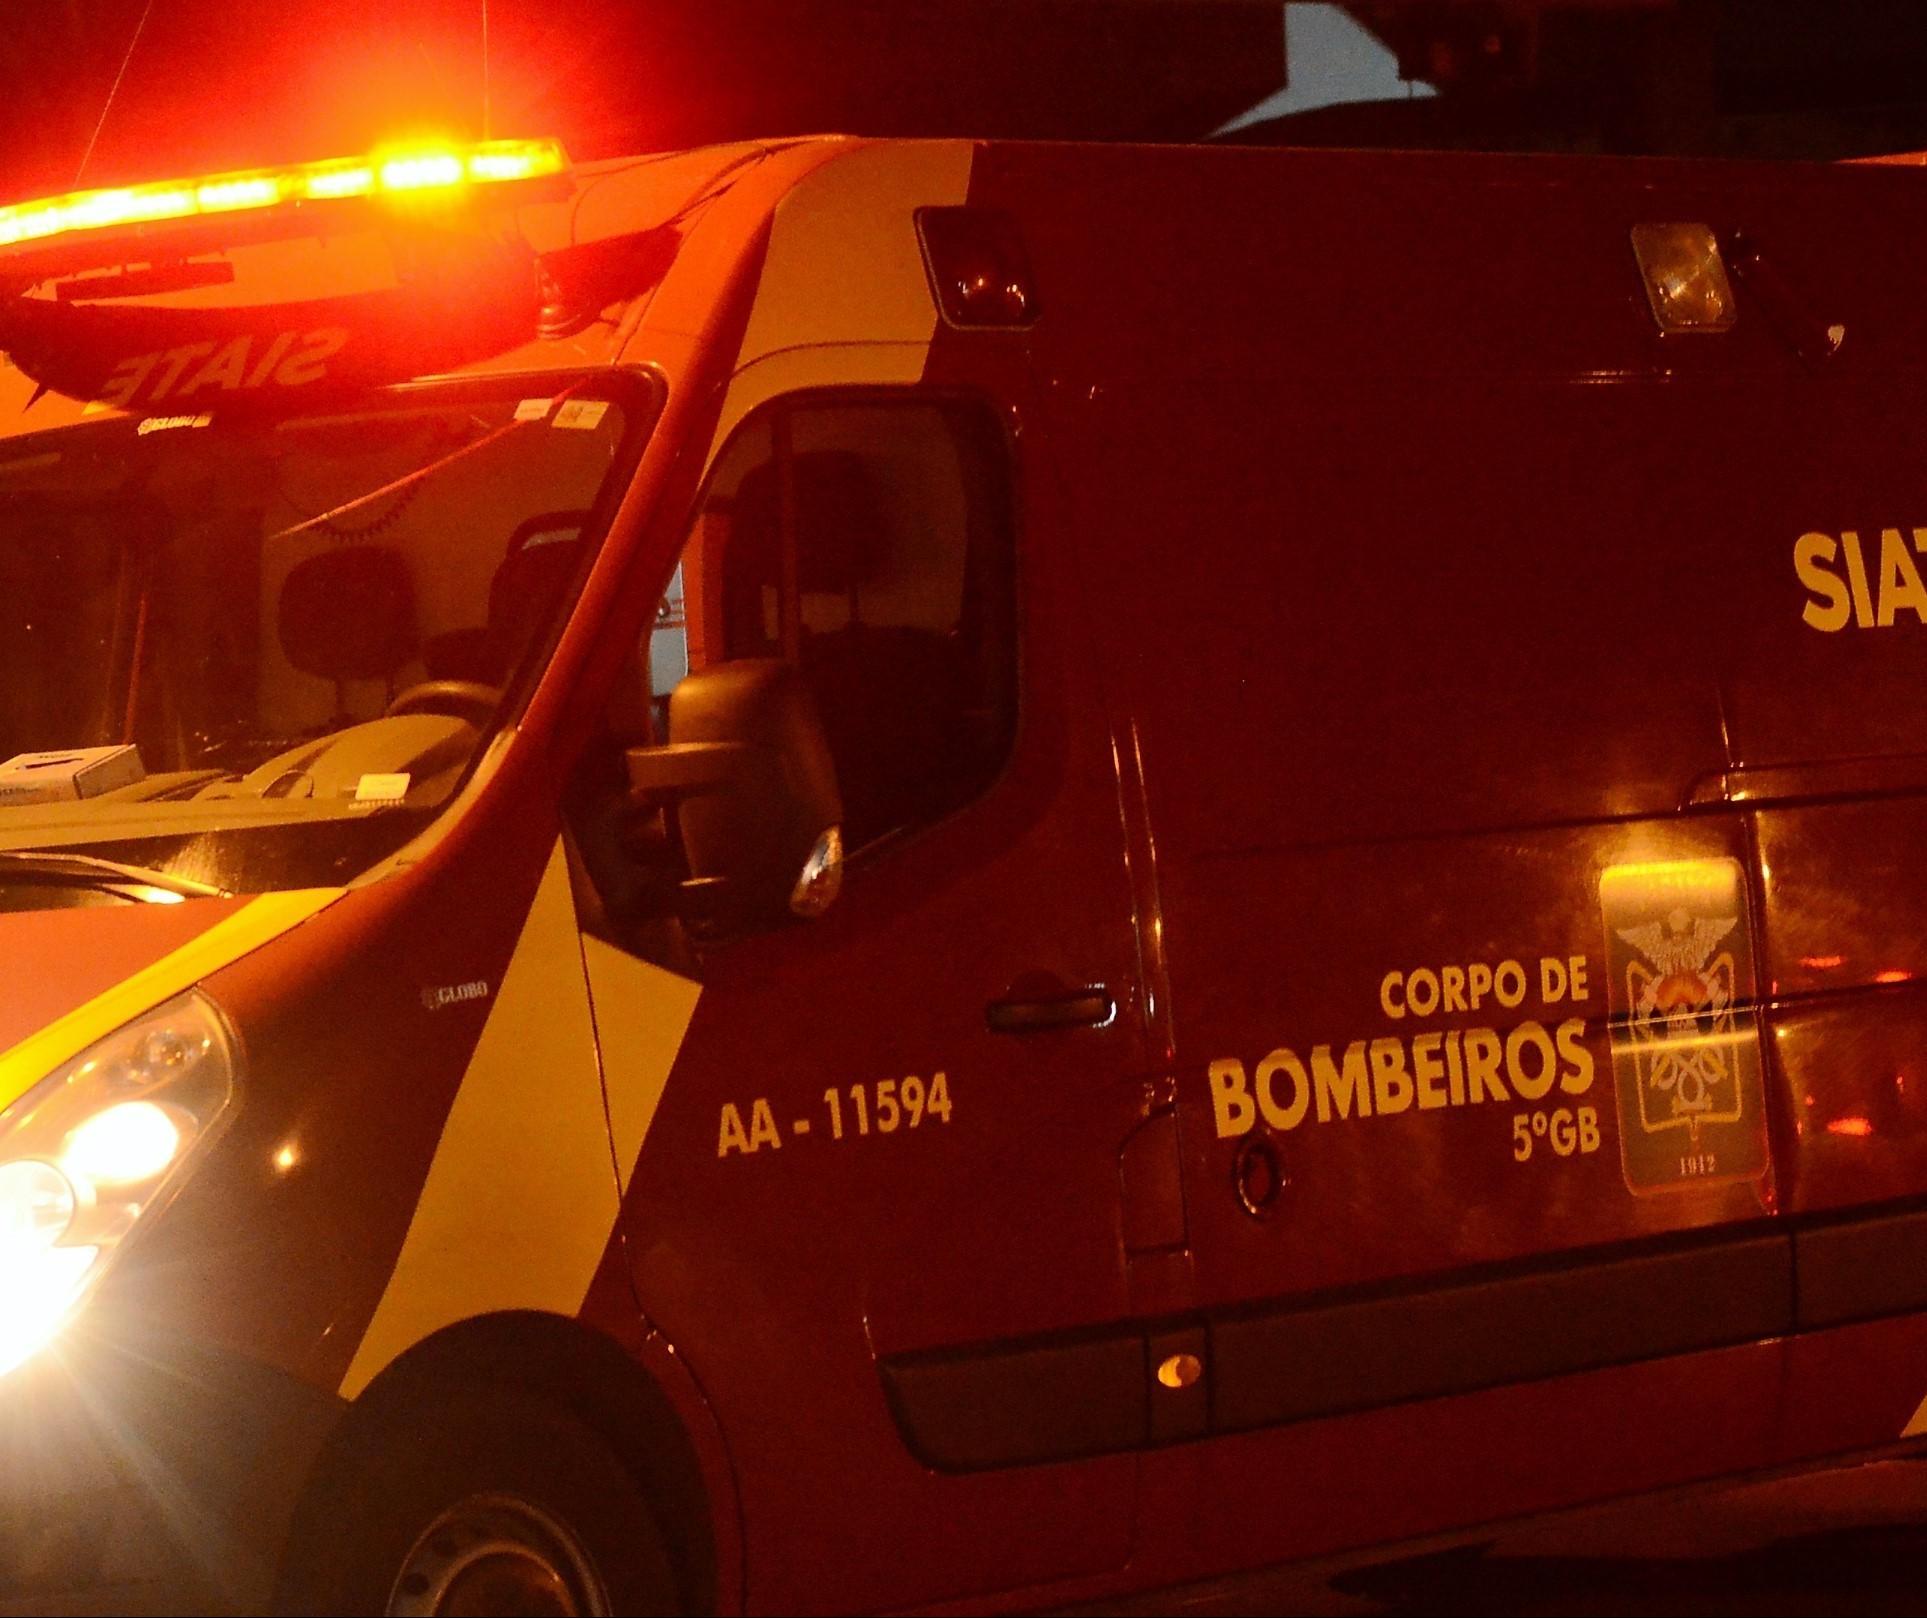 Bebê morre em hospital depois de acidente envolvendo motorista embriagado